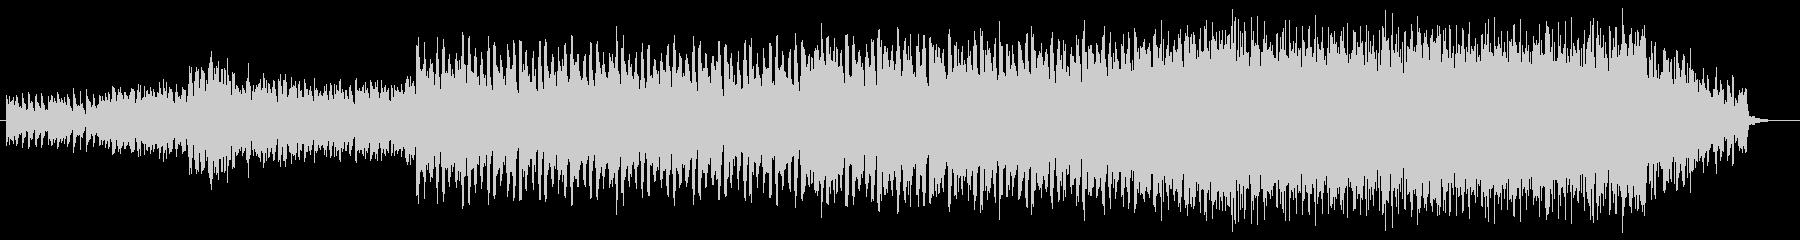 ポップでセンチメンタルなピアノテクノの未再生の波形